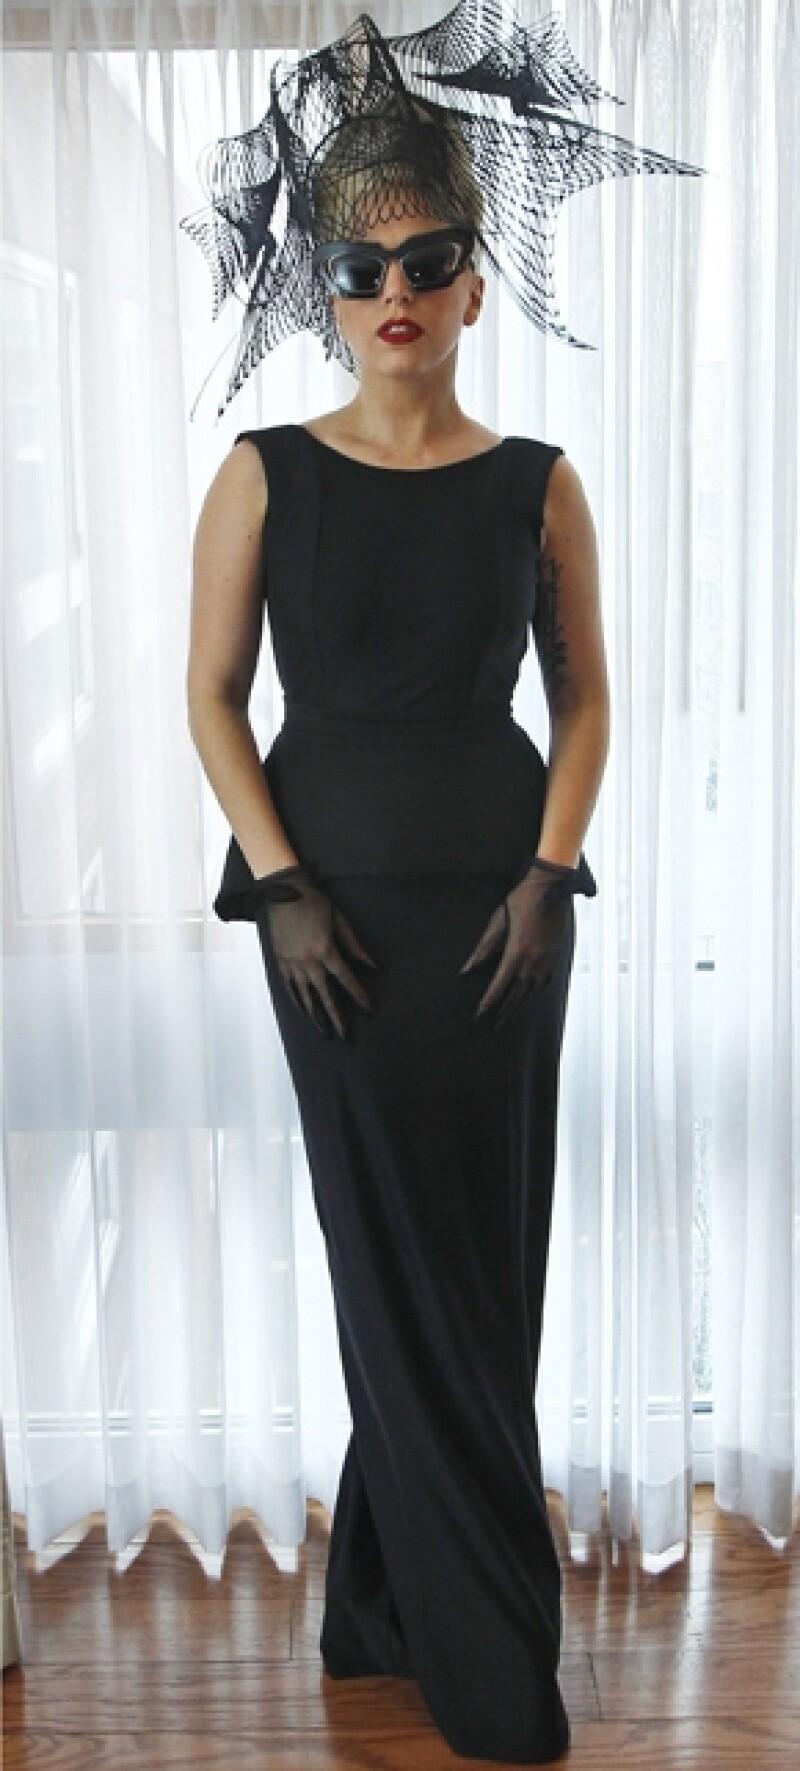 Stefani Joanne Angelina Germanotta, mejor conocida como Lady Gaga, celebra hoy su cumpleaños número 26 años.